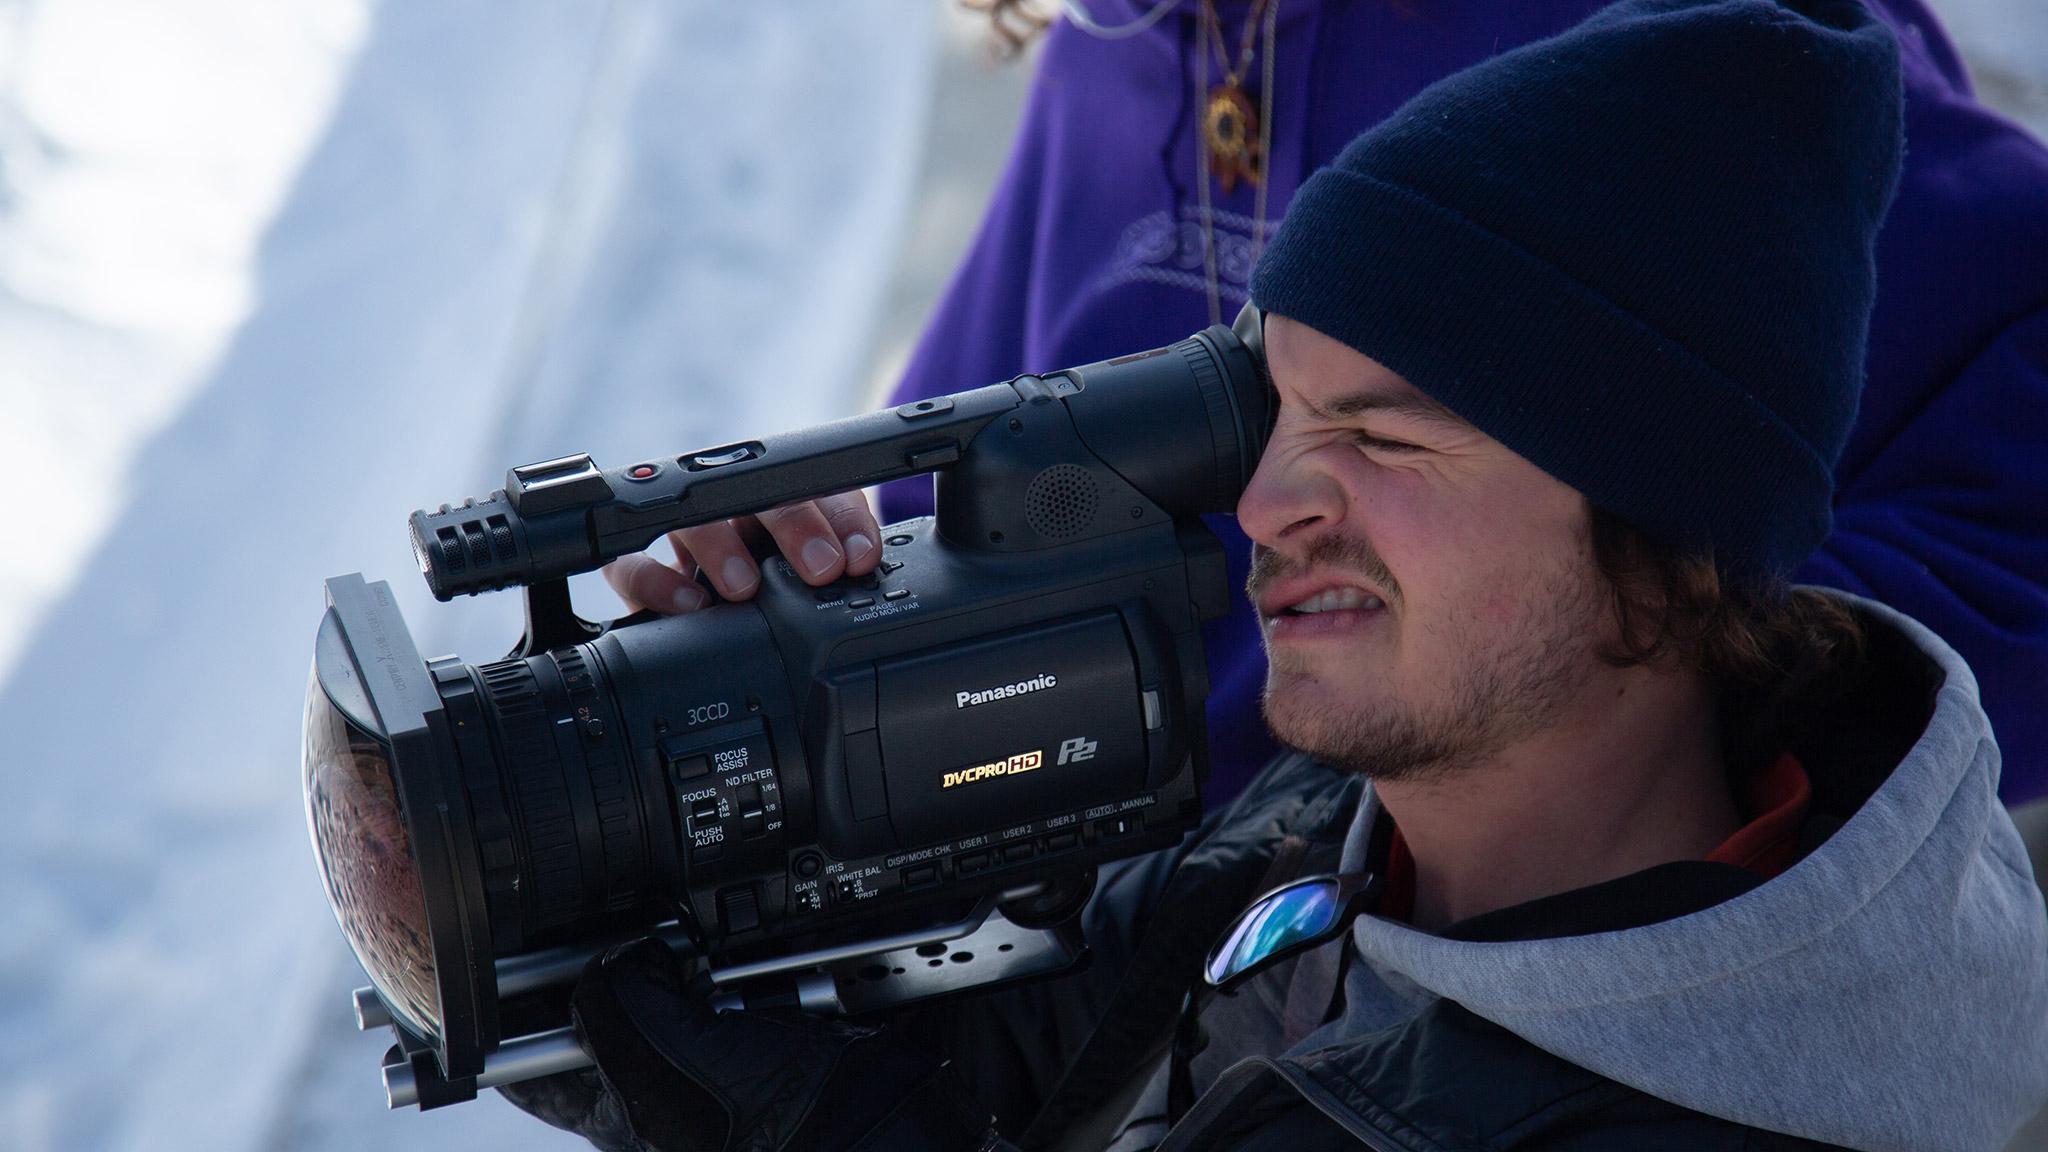 Jake Mageau's filmer: Oliver Hoblitzelle